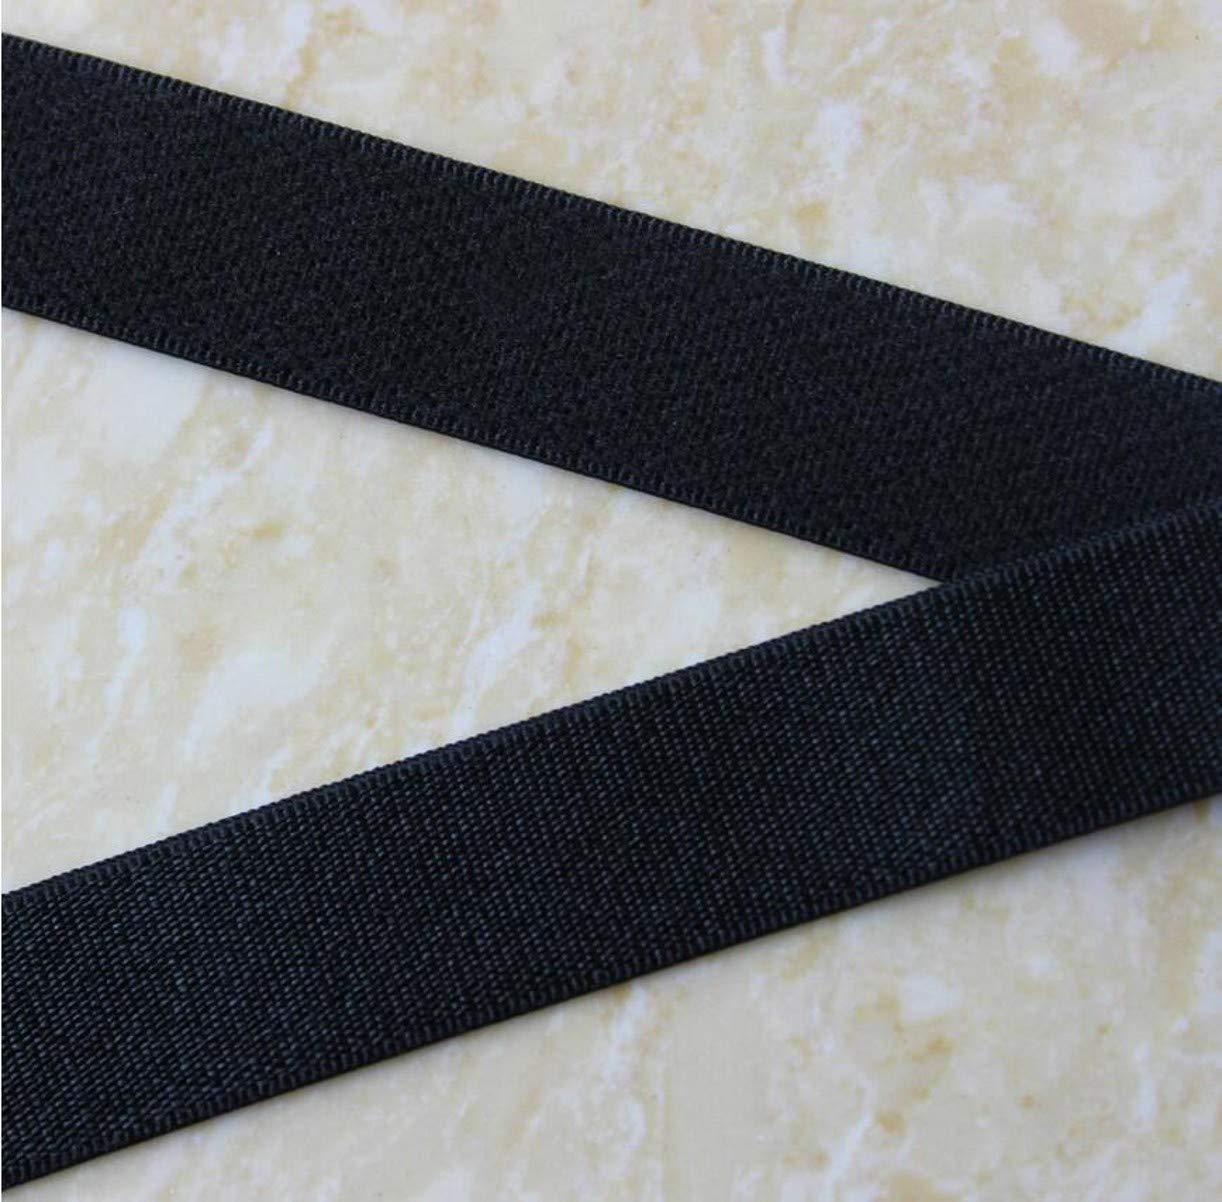 WellieSTR 100Meters(109 Yards) 10mm Width Bra Underwear Elastic Bra Strap,Underwear Shoulder Strap,DIY Sewing Material Elastic Band - Black by WellieSTR